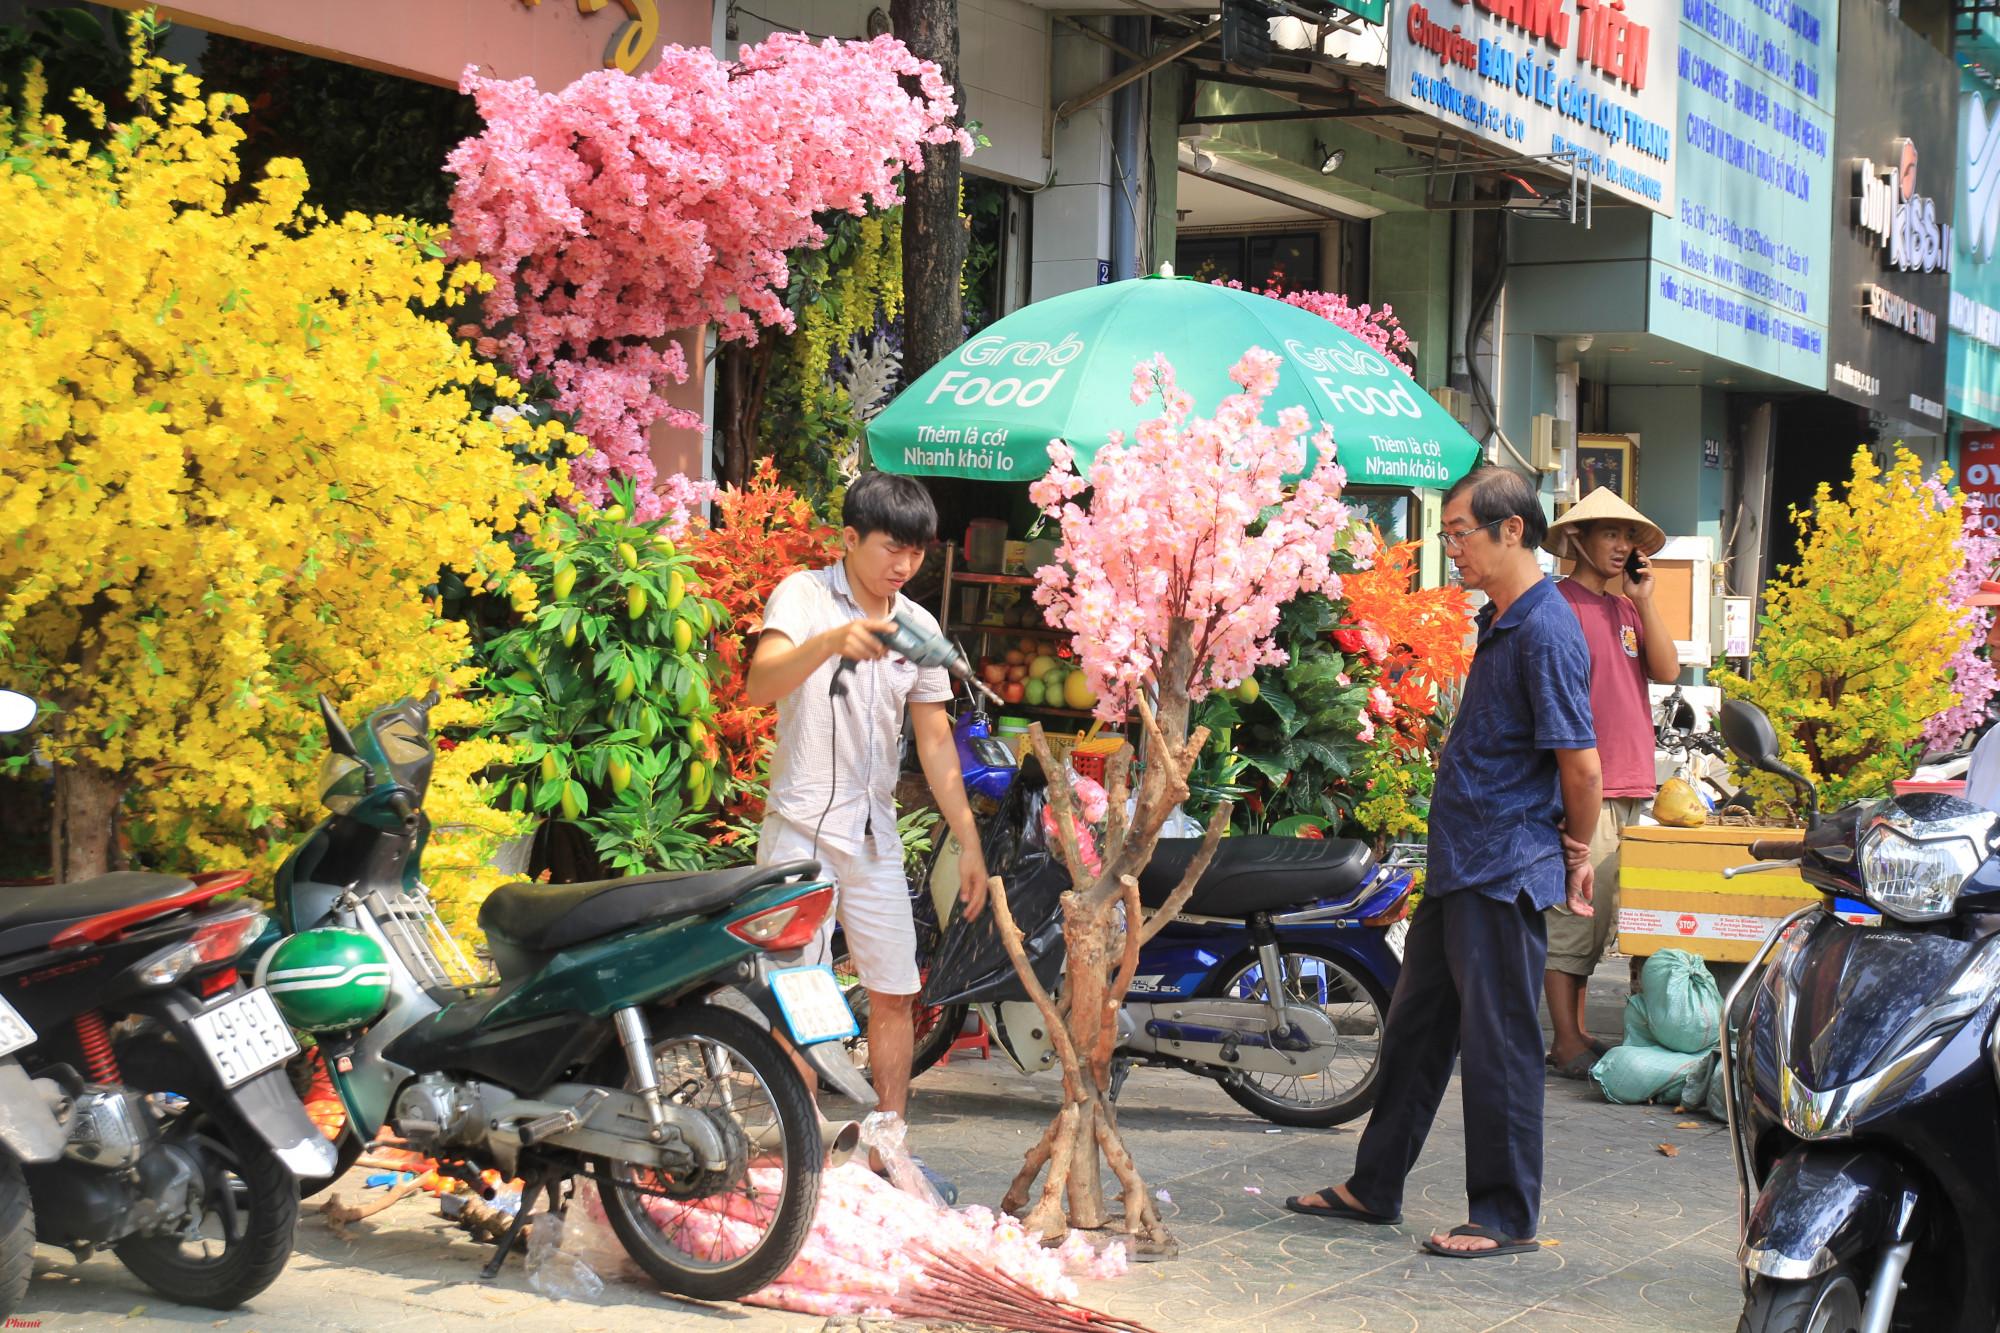 Đặc biệt, vào những ngày cận Tết, các cửa hàng trưng mai, đào vải tràn xuống vỉa hè, nhiều nơi nhân viên bắt hoa ngay trước cửa để kịp hàng giao cho khách